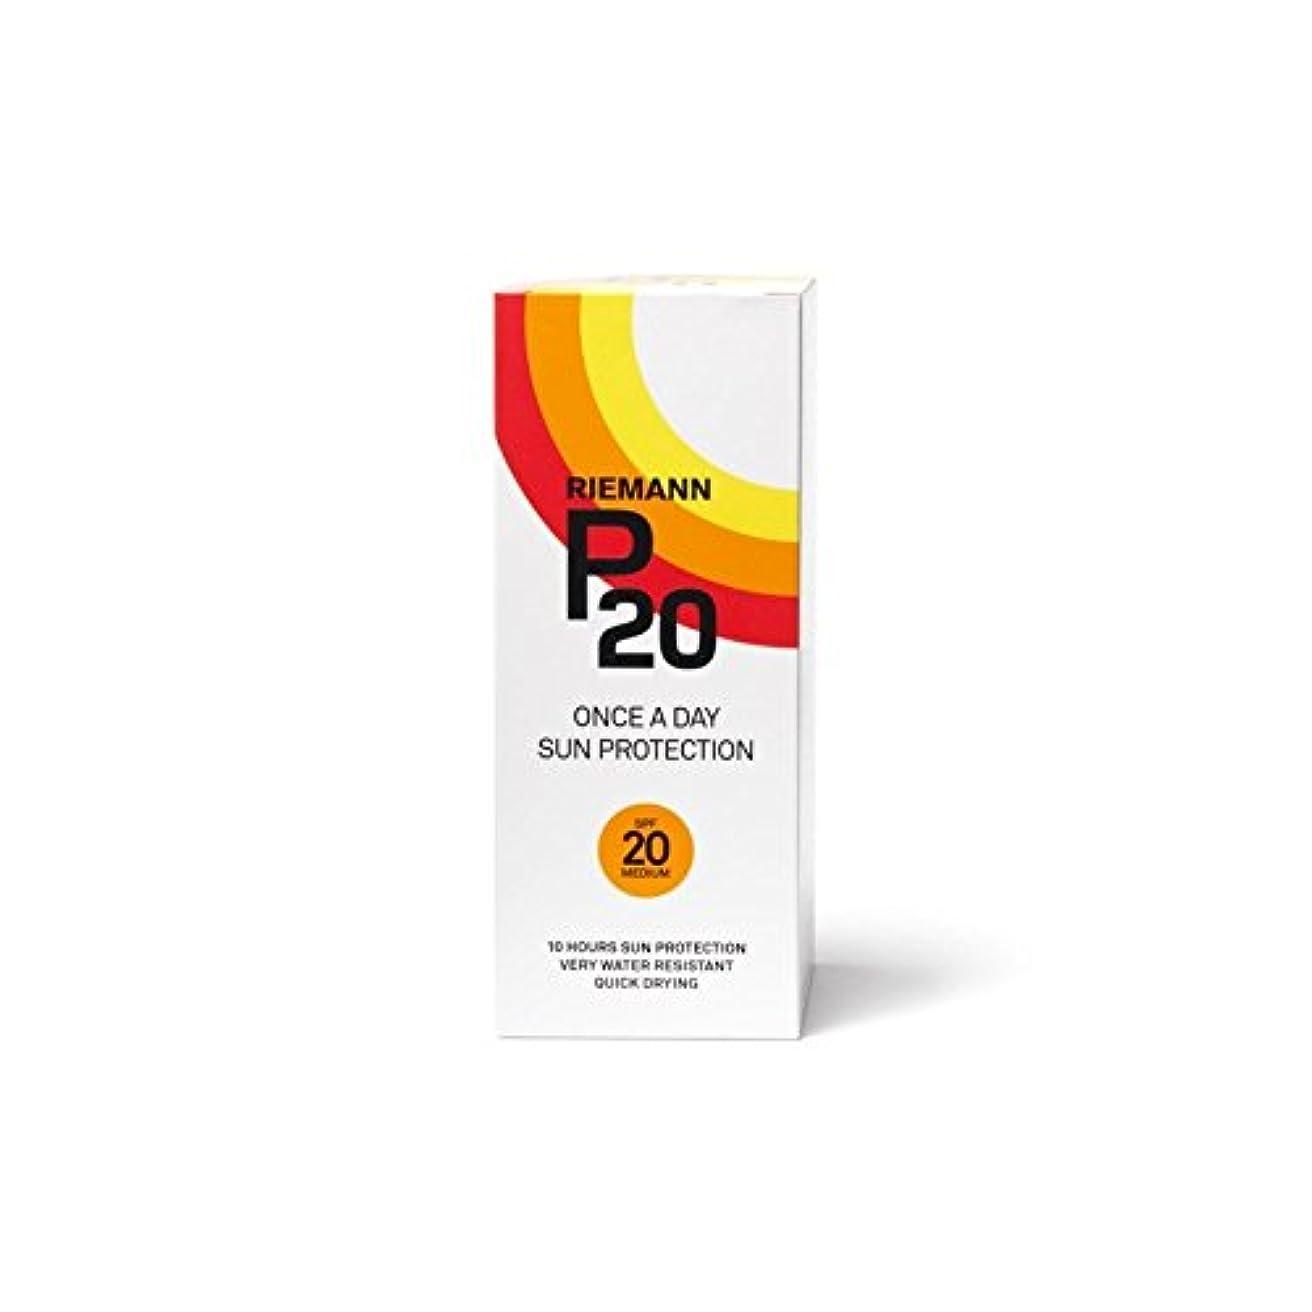 オーストラリア人とげのあるピアースリーマン20のサンフィルター200ミリリットル20 x4 - Riemann P20 Sun Filter 200ml SPF20 (Pack of 4) [並行輸入品]